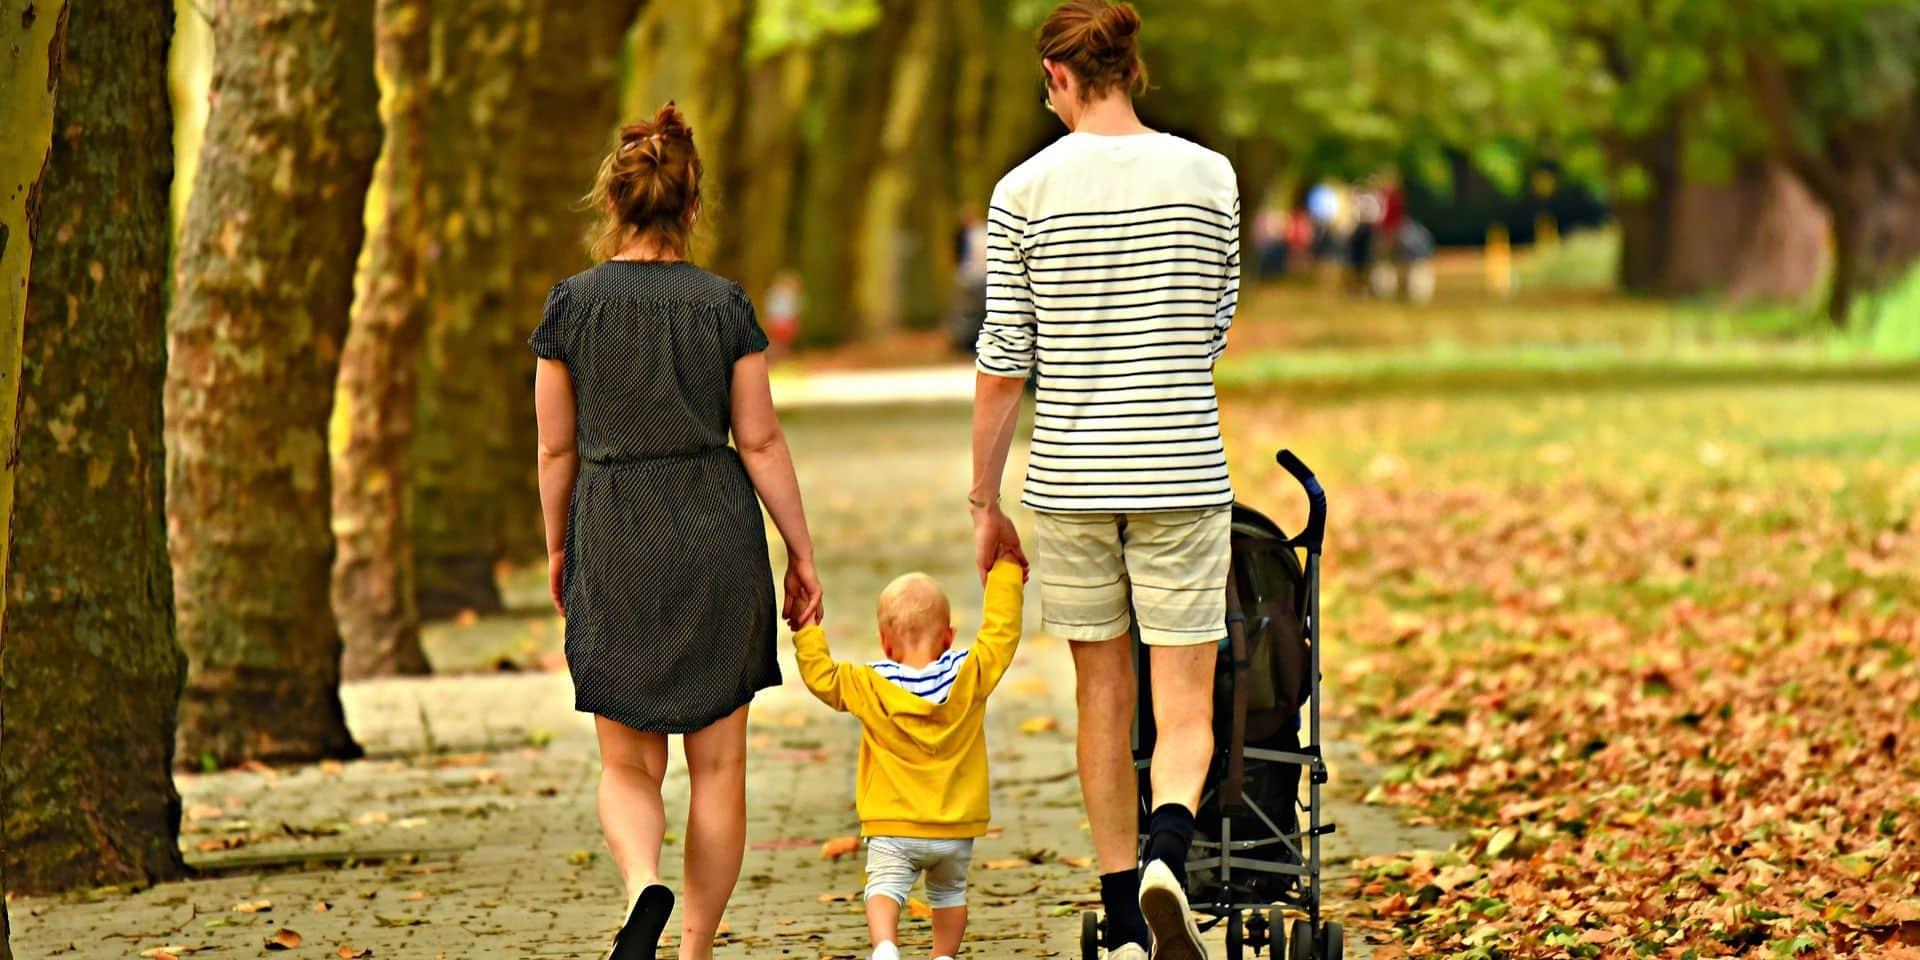 Un Belge sur trois a du mal à concilier travail et vie de famille